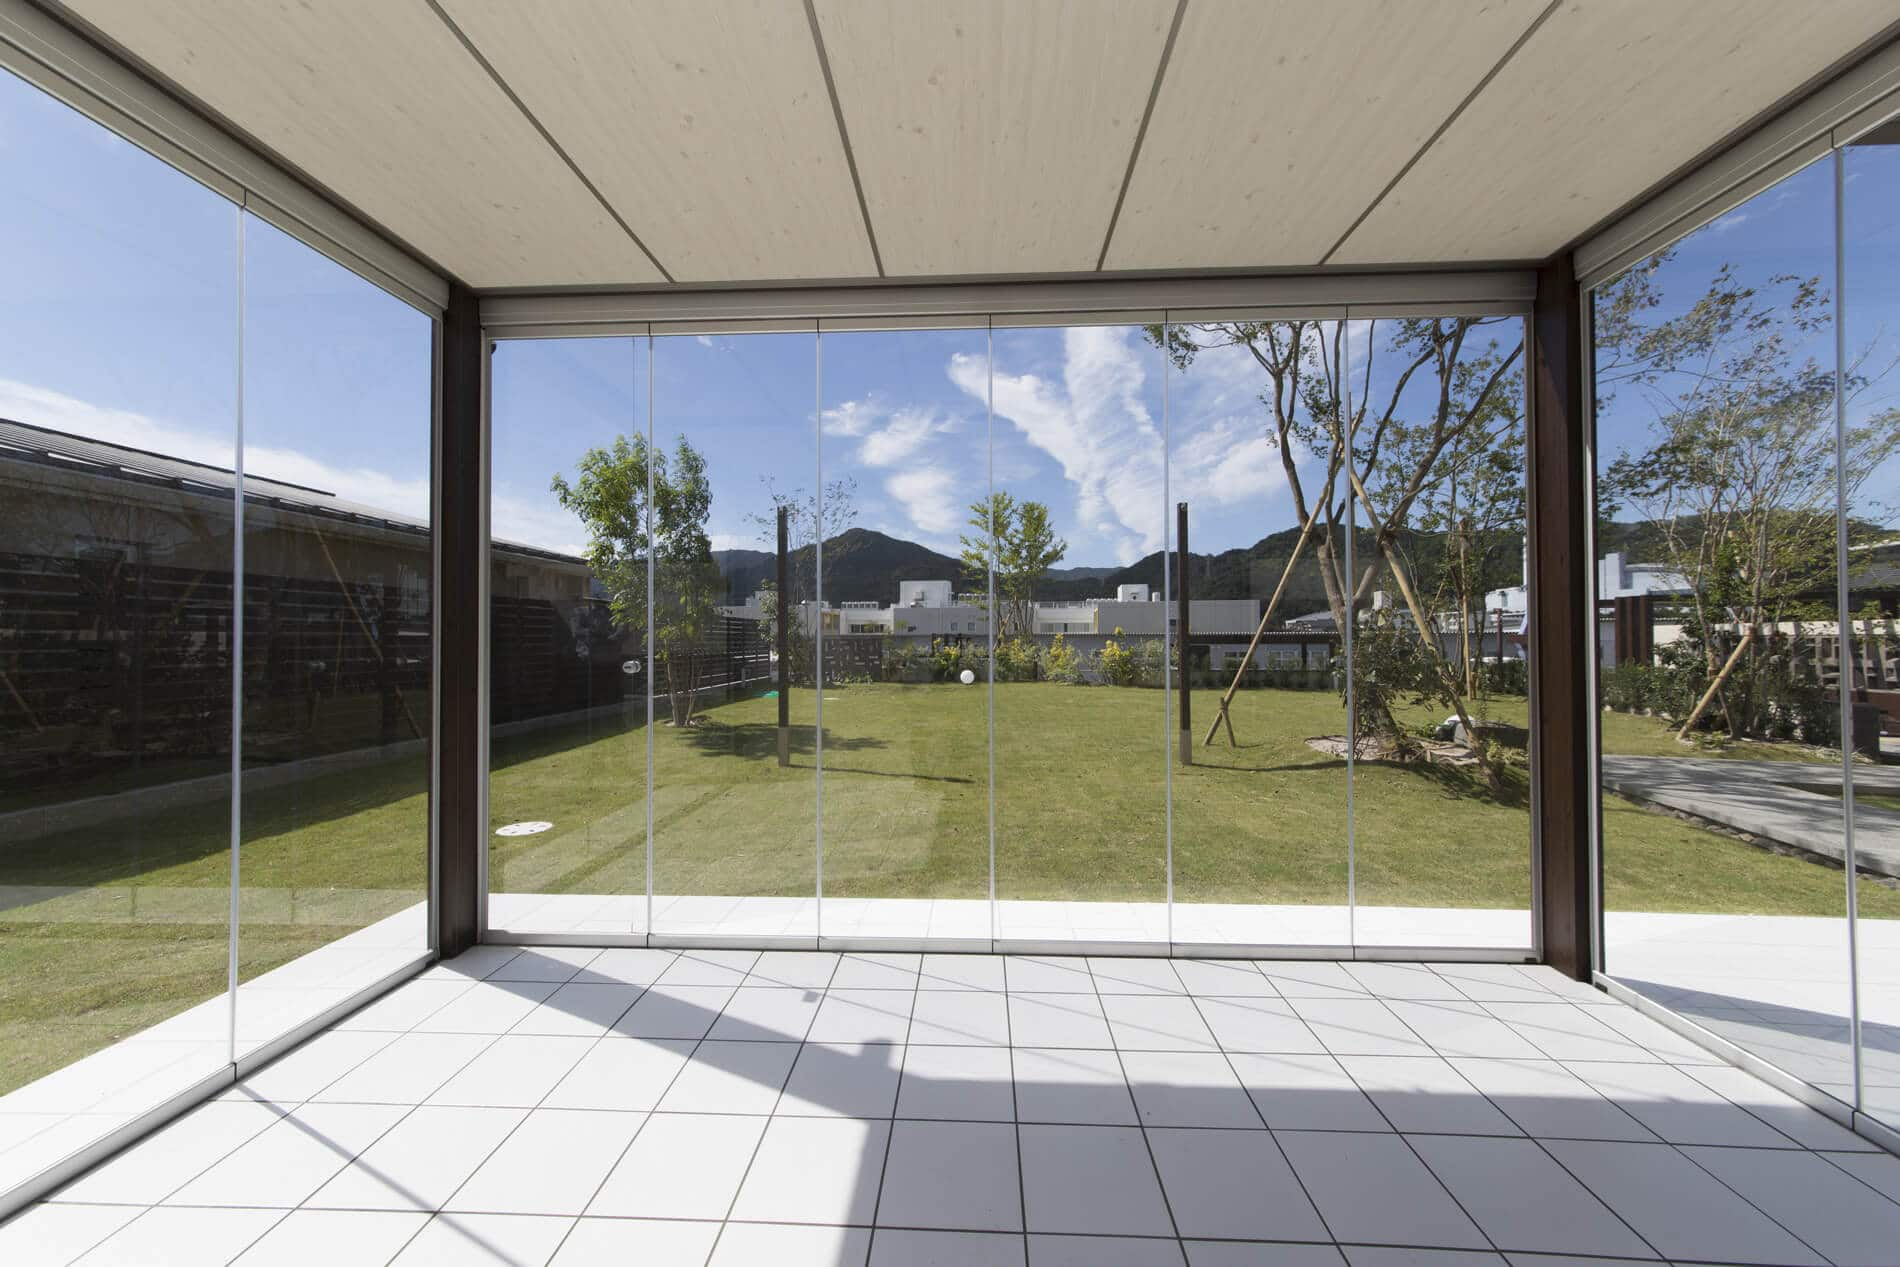 6-teilige Glasschiebetüre mit Spaltdichtung